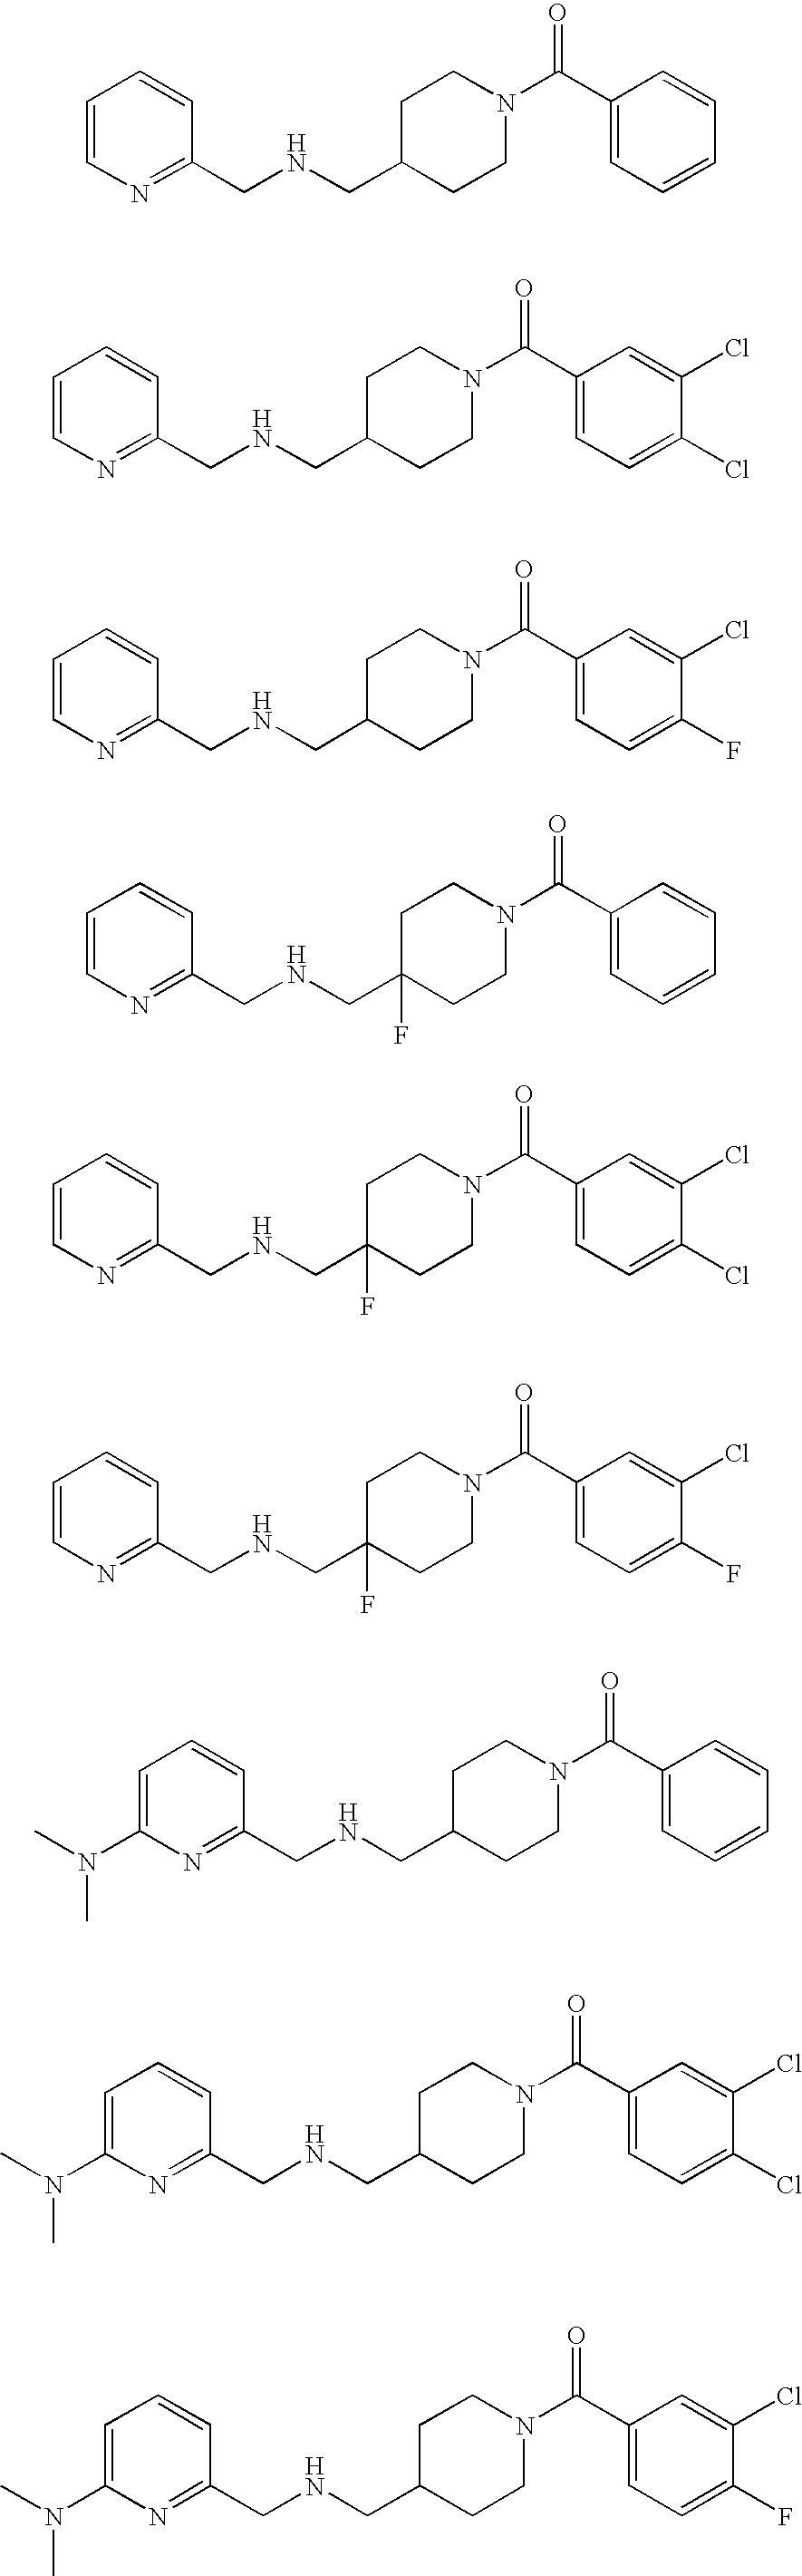 Figure US20100009983A1-20100114-C00210